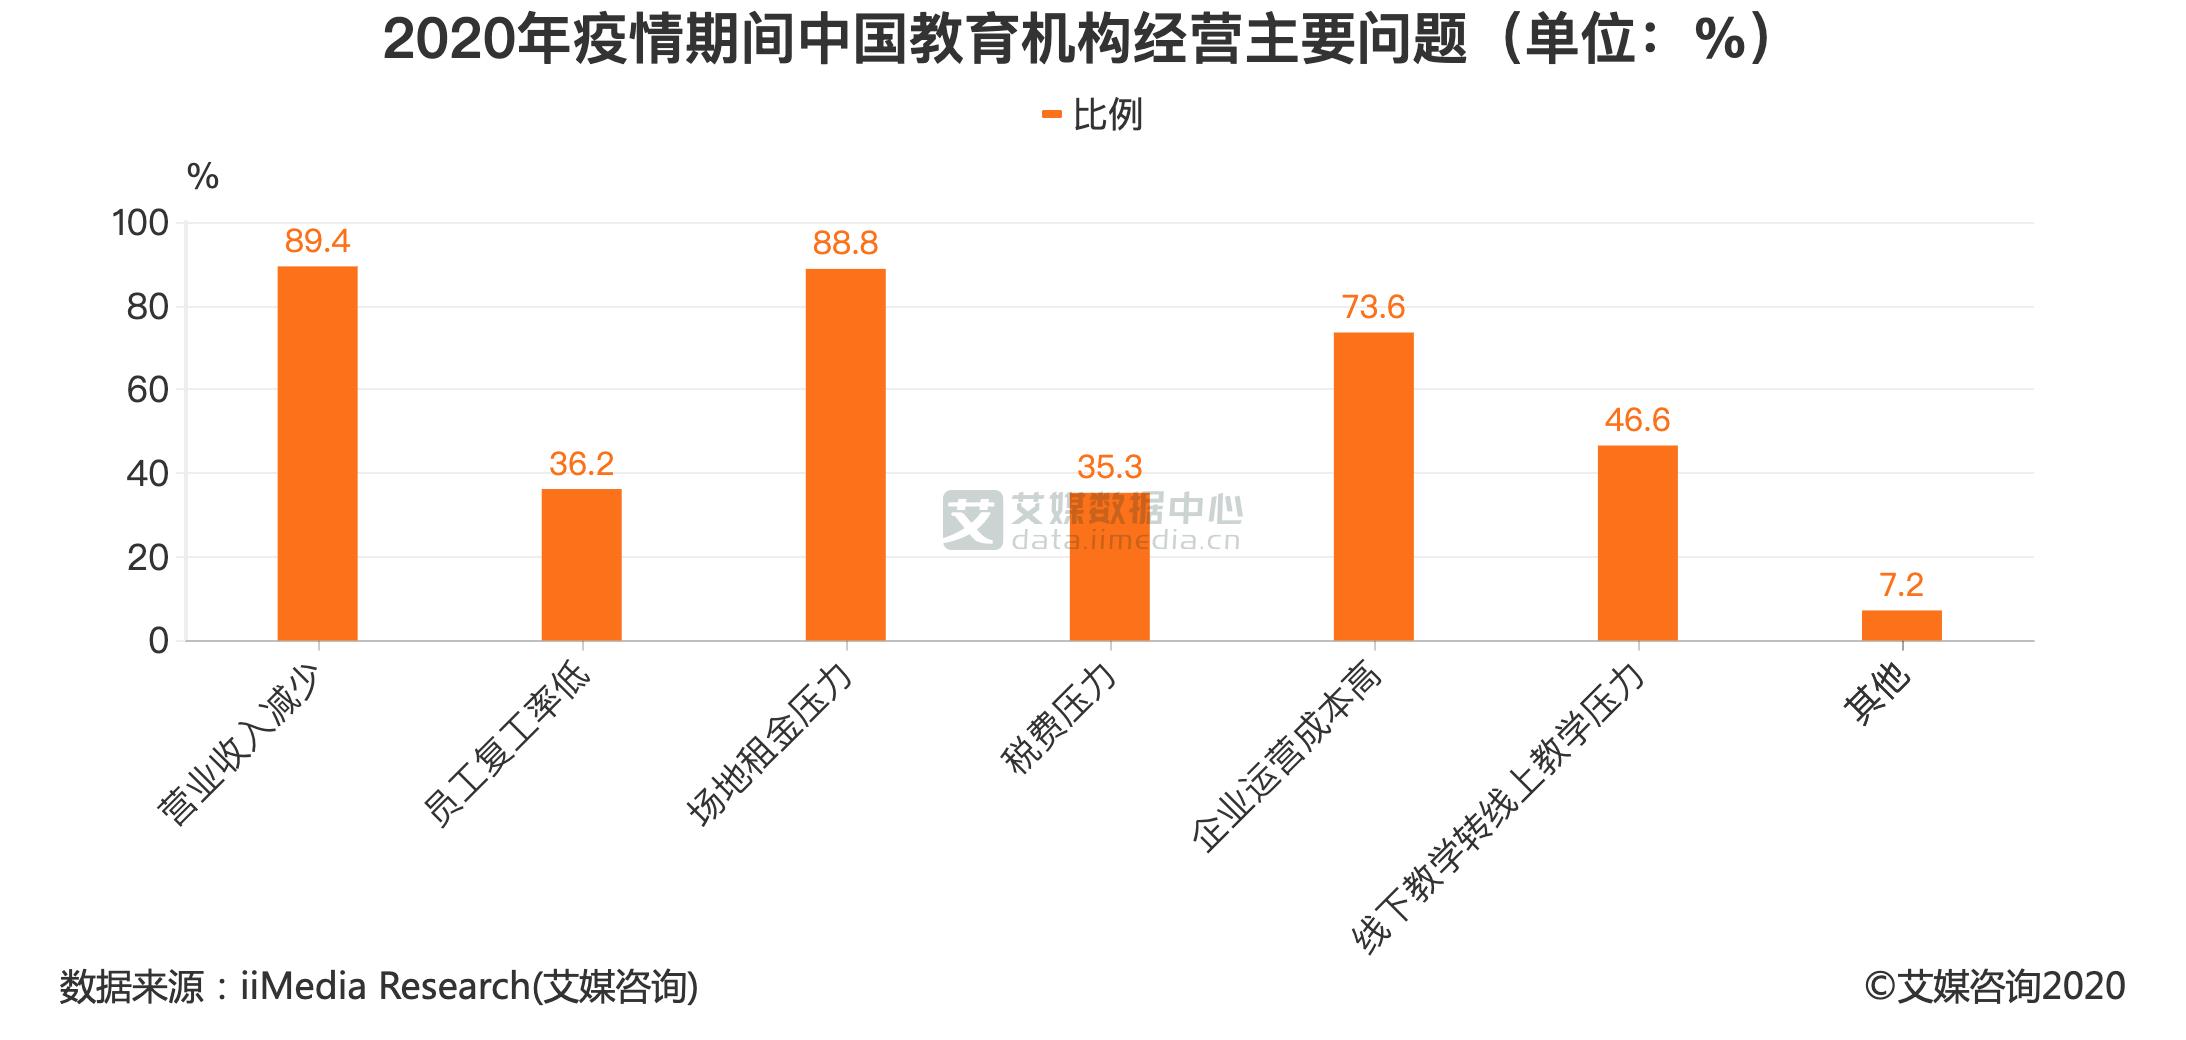 2020年疫情期间中国教育机构经营主要问题(单位:%)